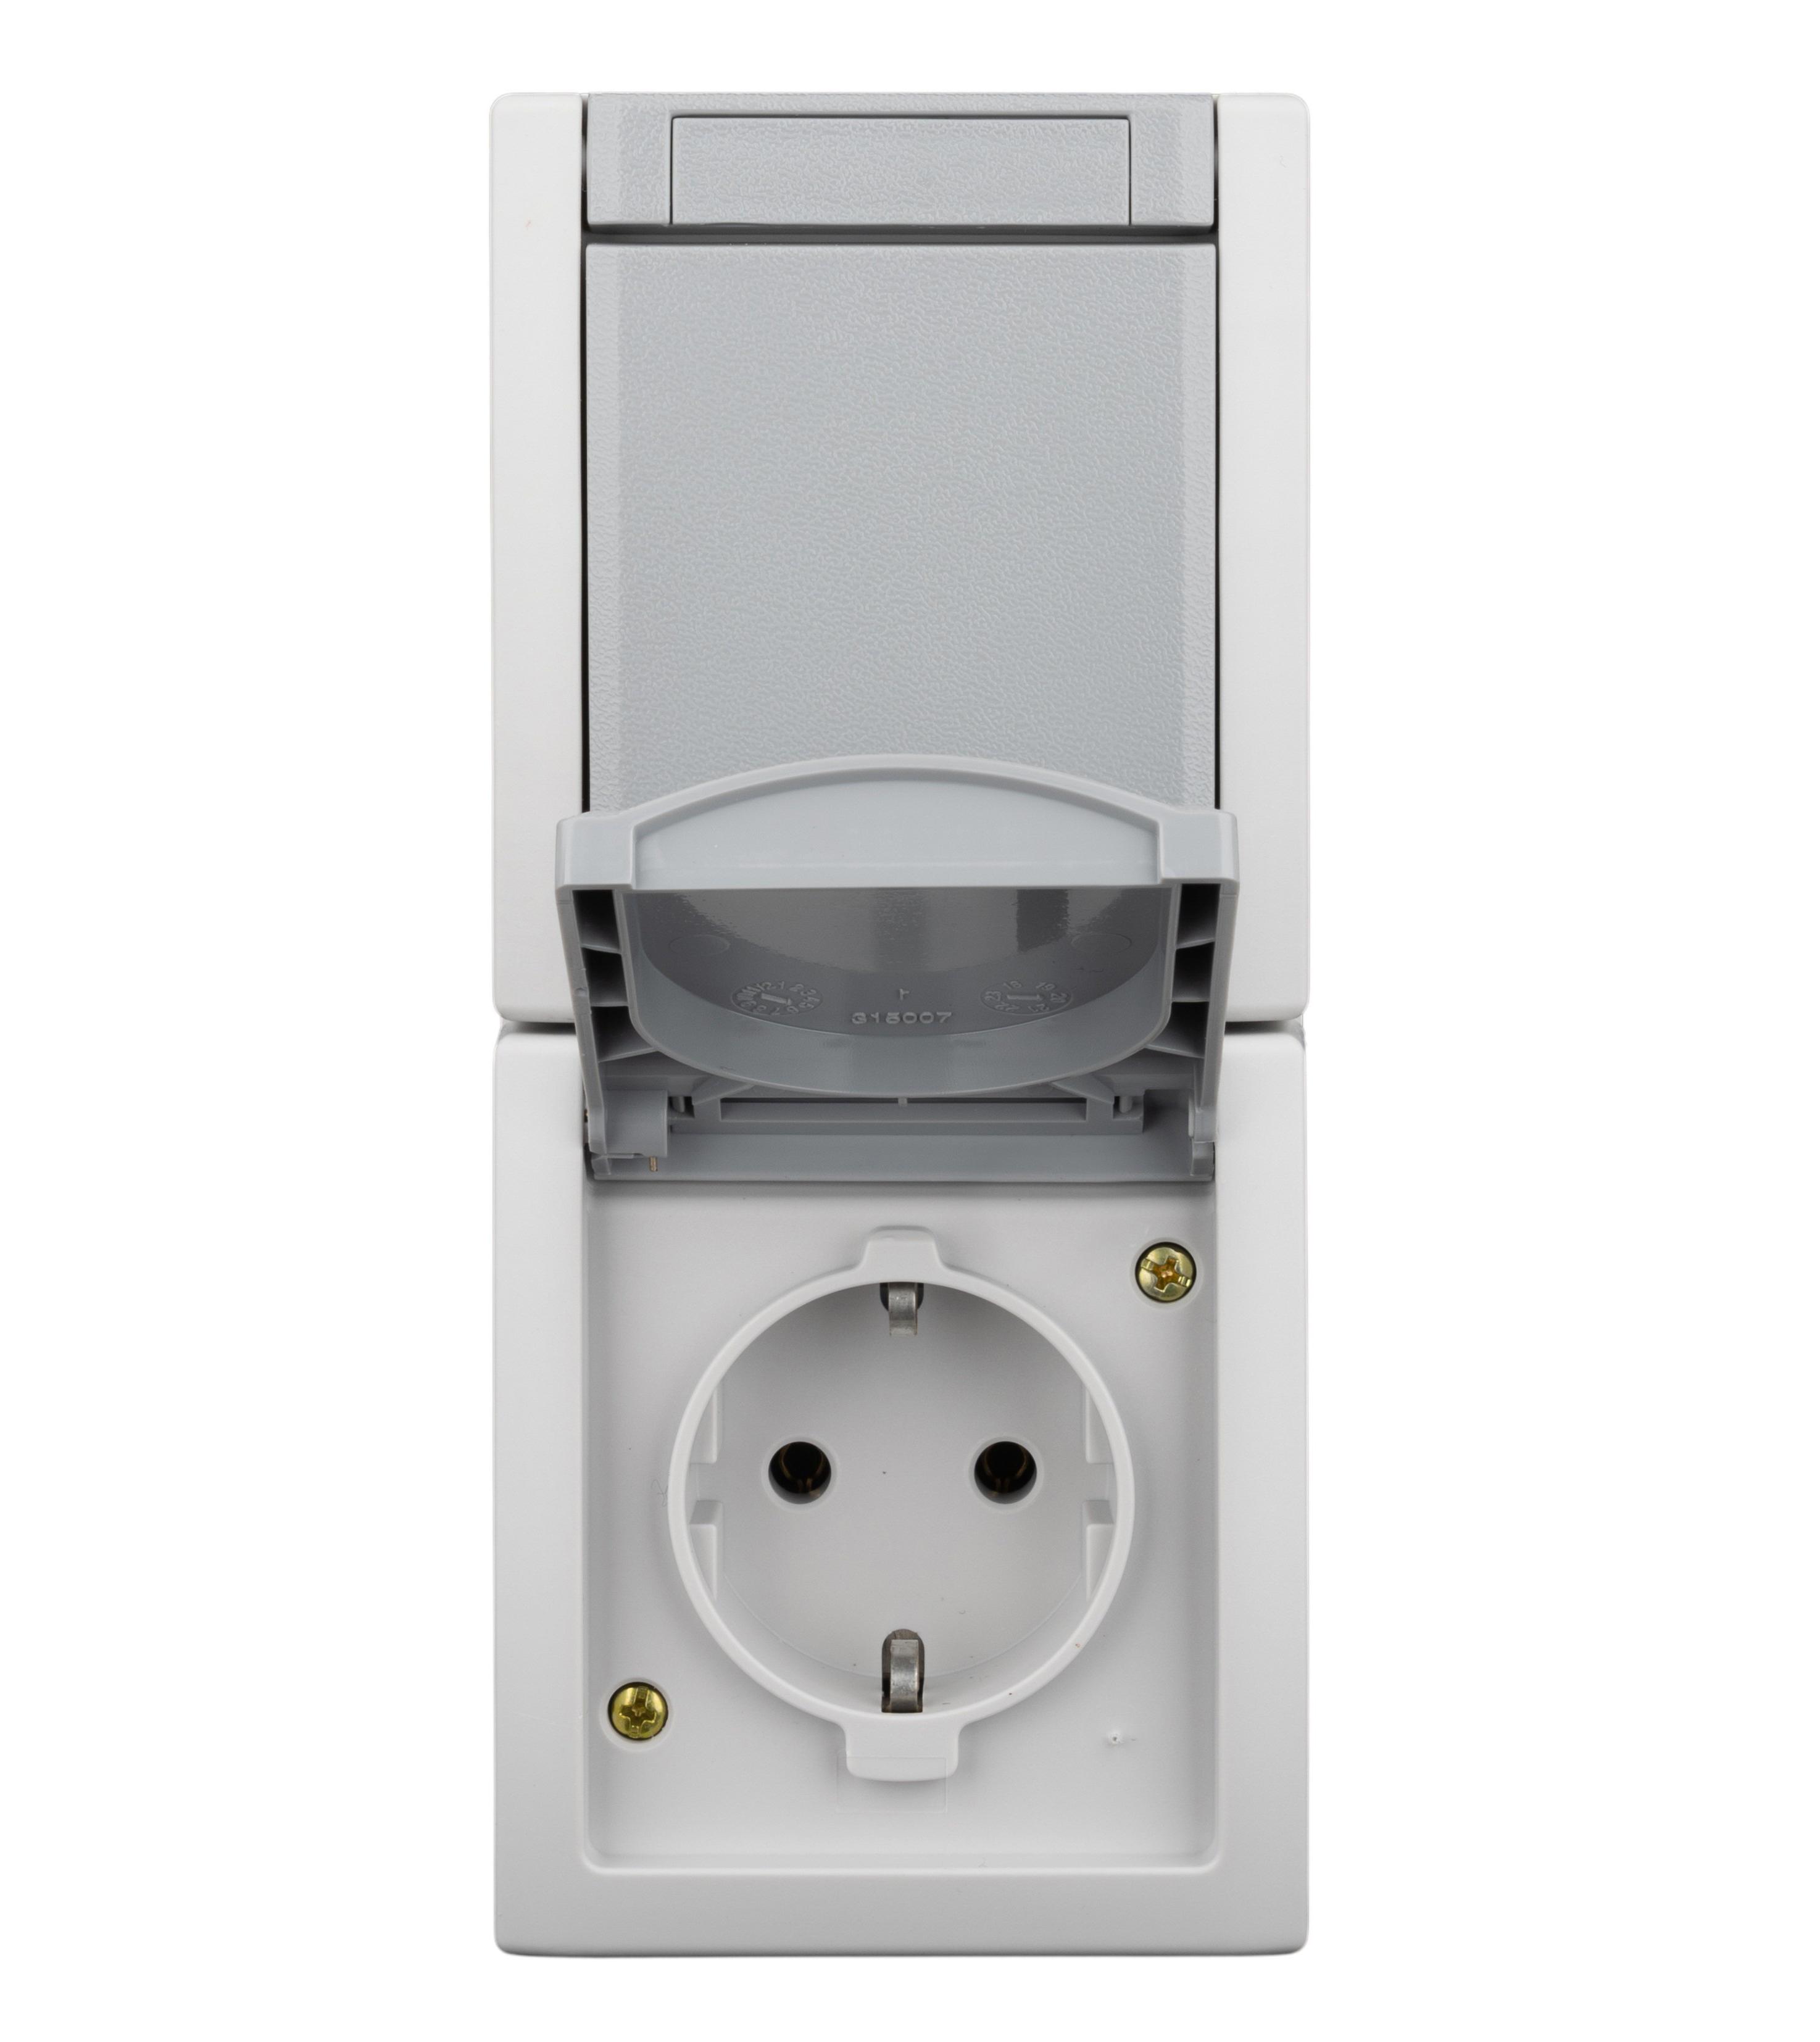 1 Stk AP-Kombination Wechselschalter-Steckdose, Steckklemme, IP54 EV211015--